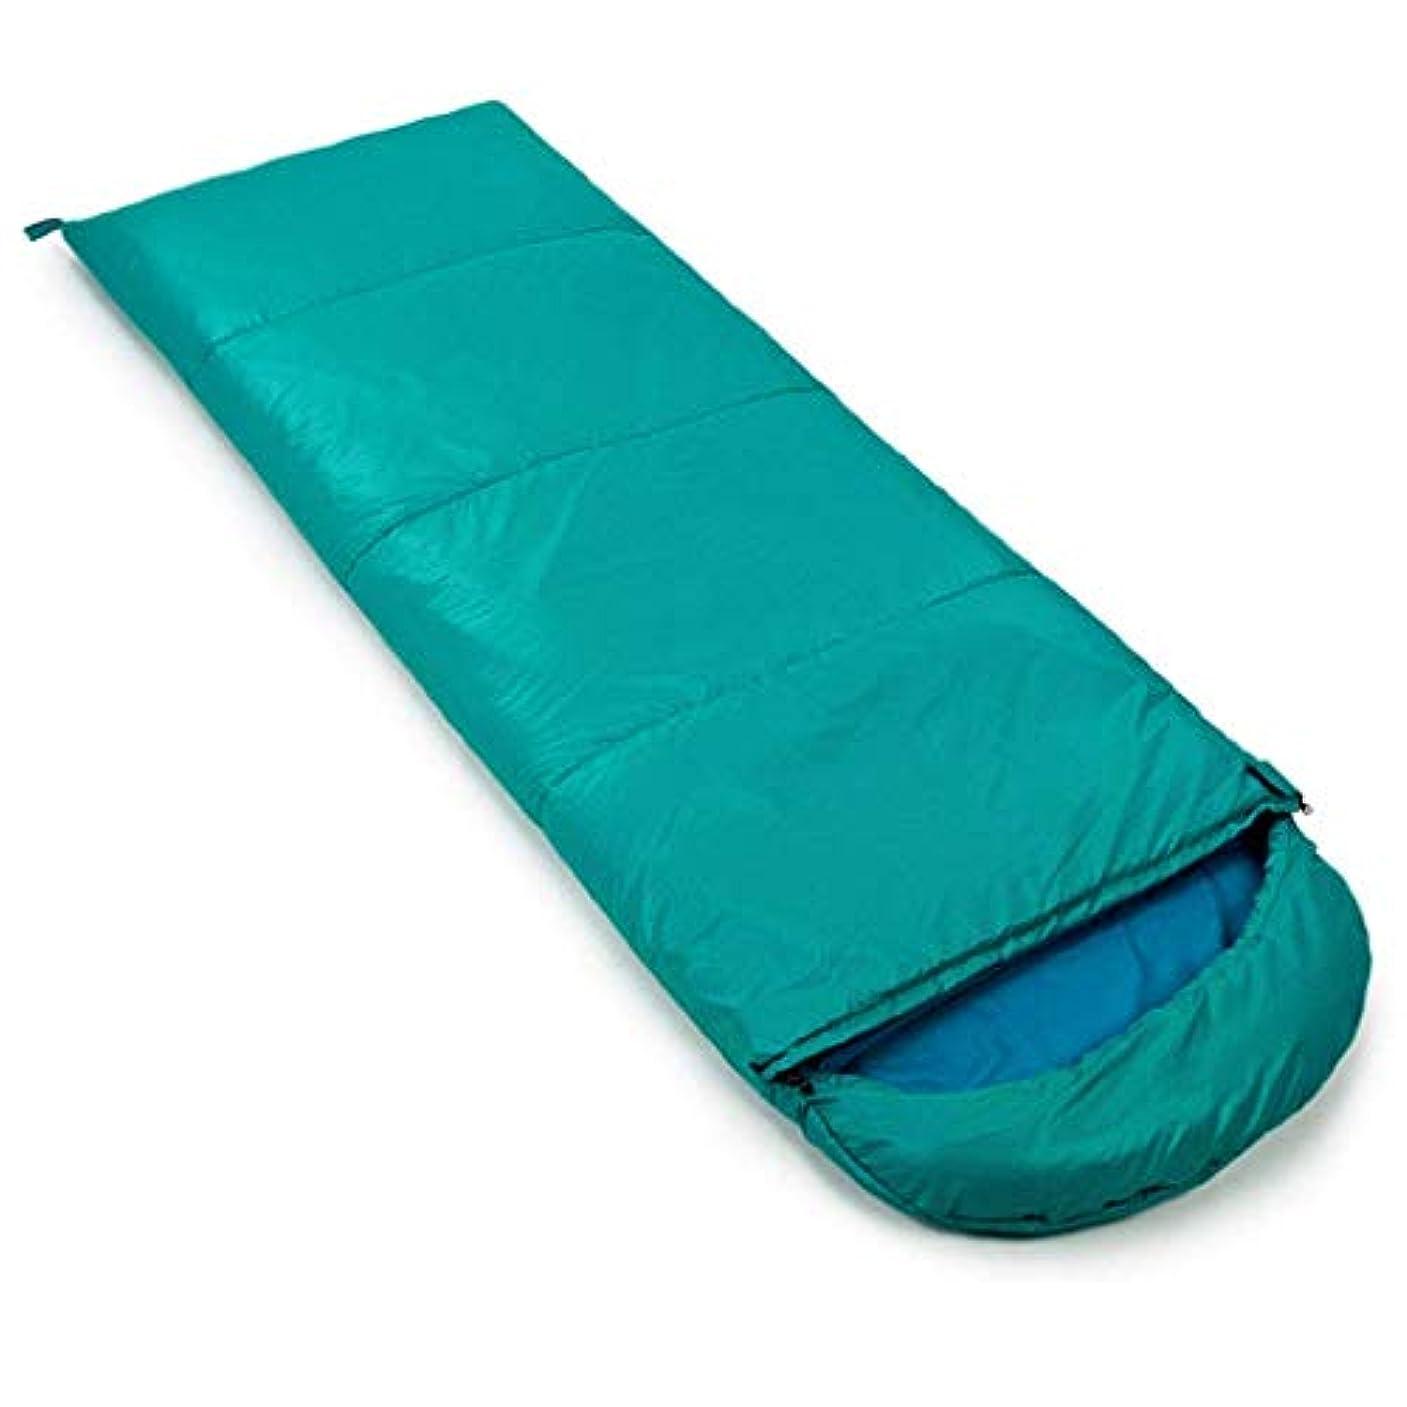 内陸相談作り屋外の寝袋封筒春と秋の旅行大人の超軽量ポータブル綿キャンプ屋内ランチ汚れ防止